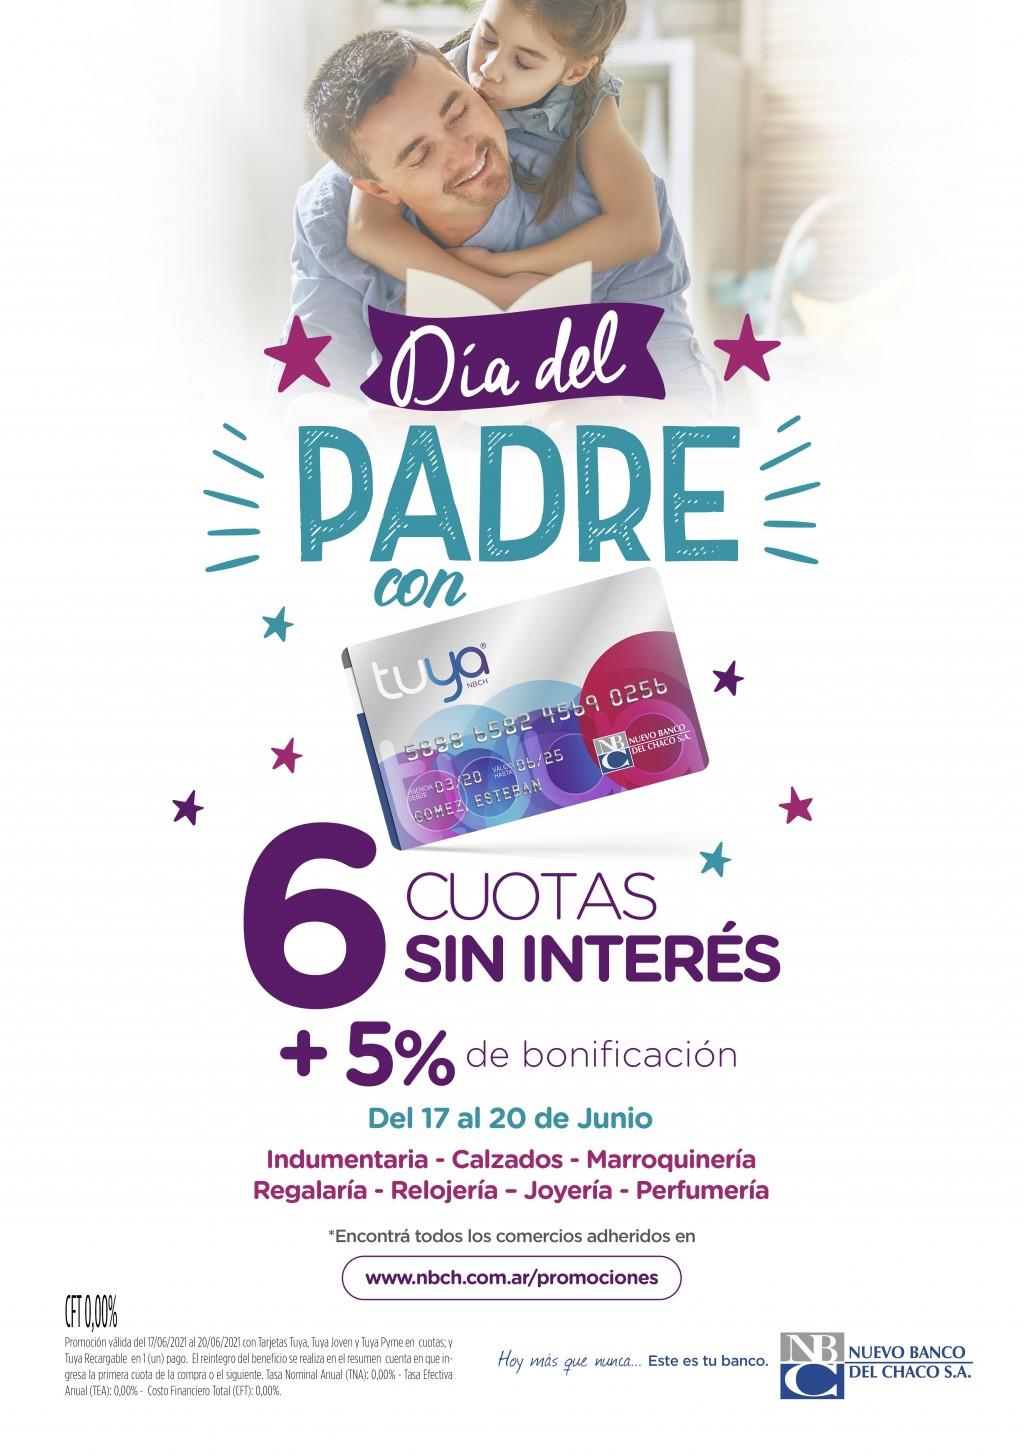 Promoción Día del Padre con Tarjeta Tuya